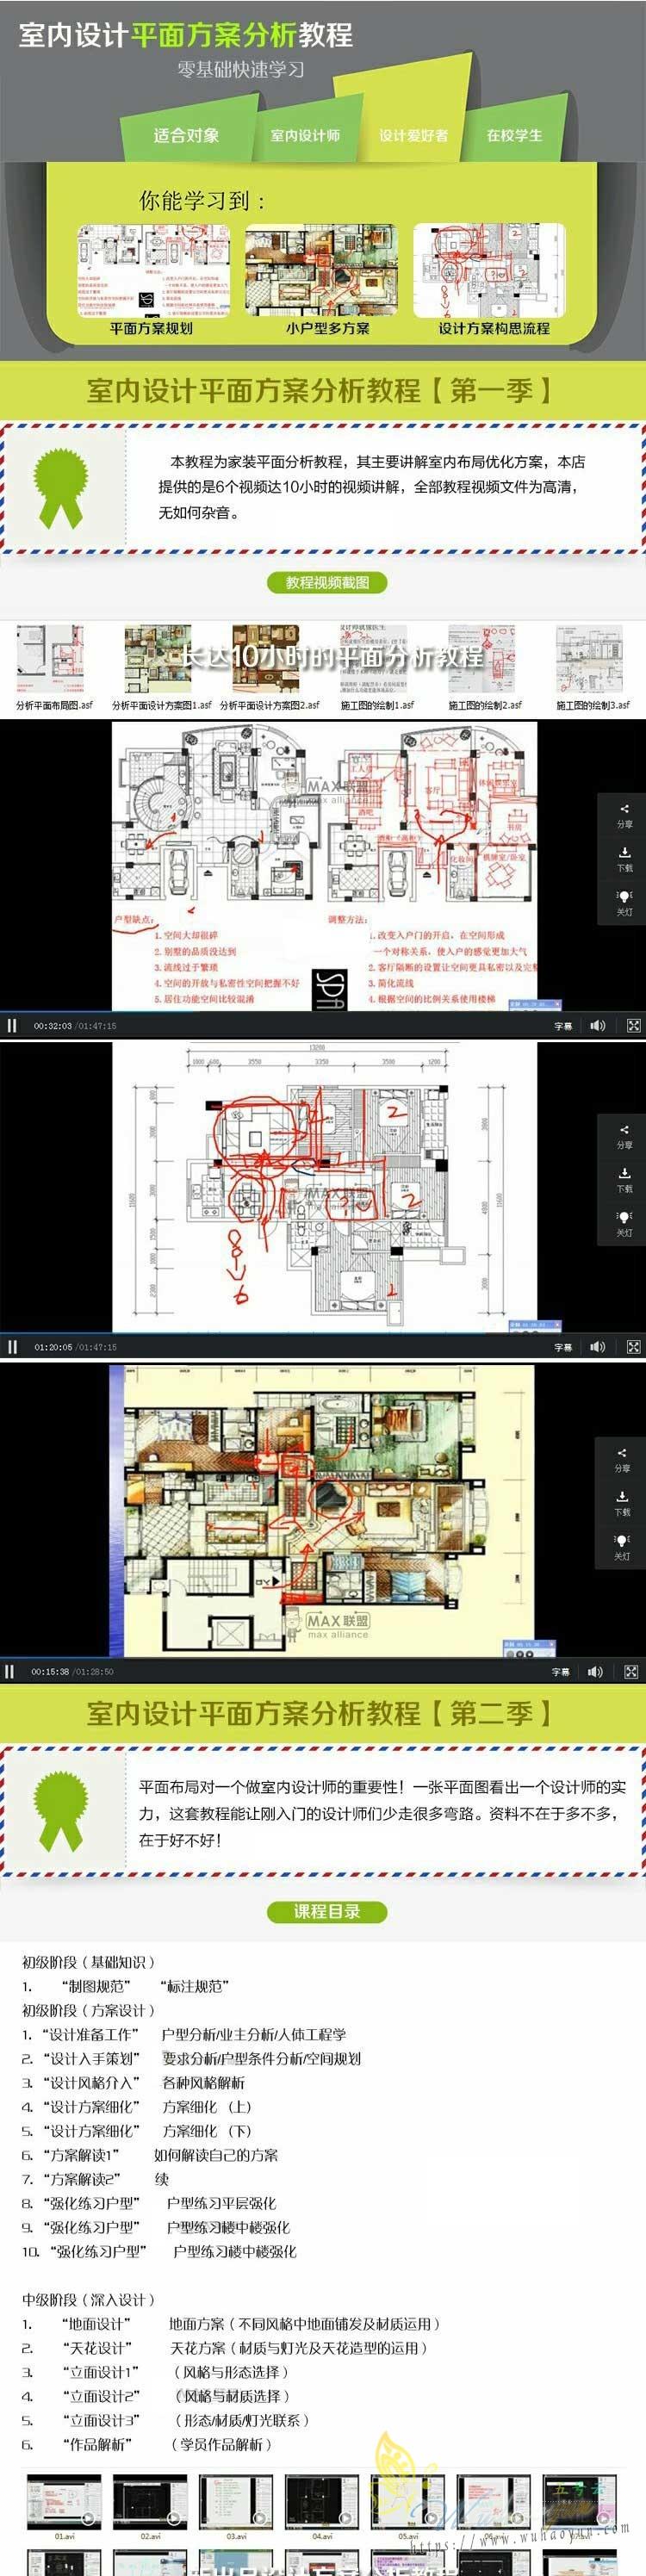 室内设计平面布局方案分析自学视频教程户型优化CAD布置图片素材